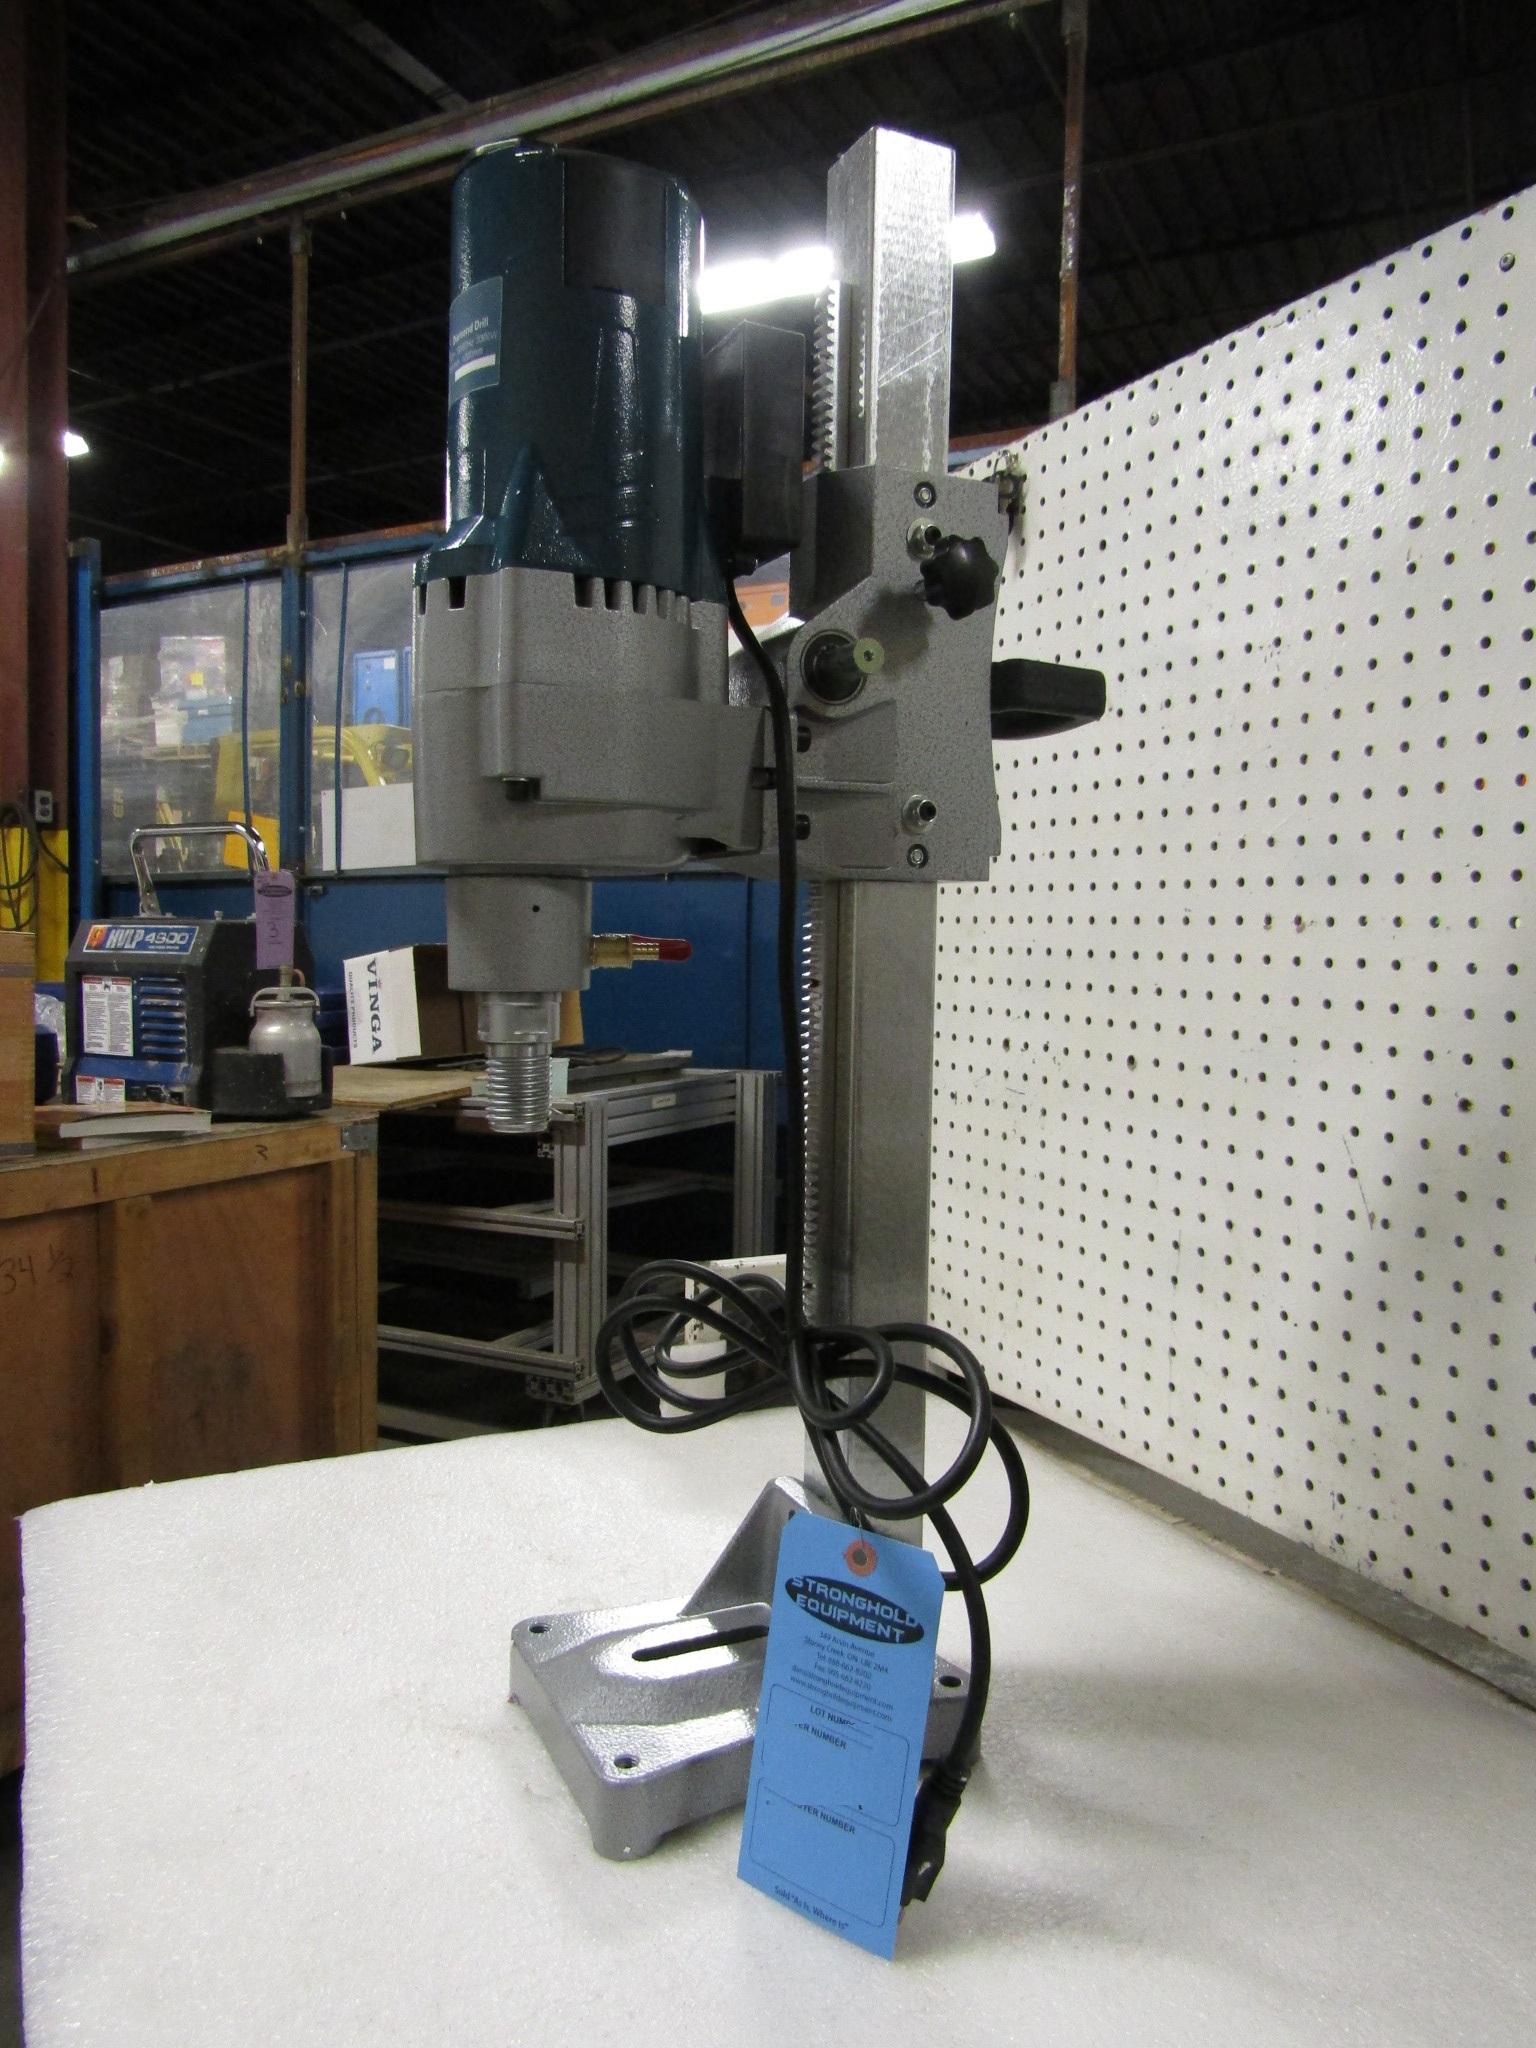 Lot 37 - BRAND NEW Max Diamond Core Drill Unit